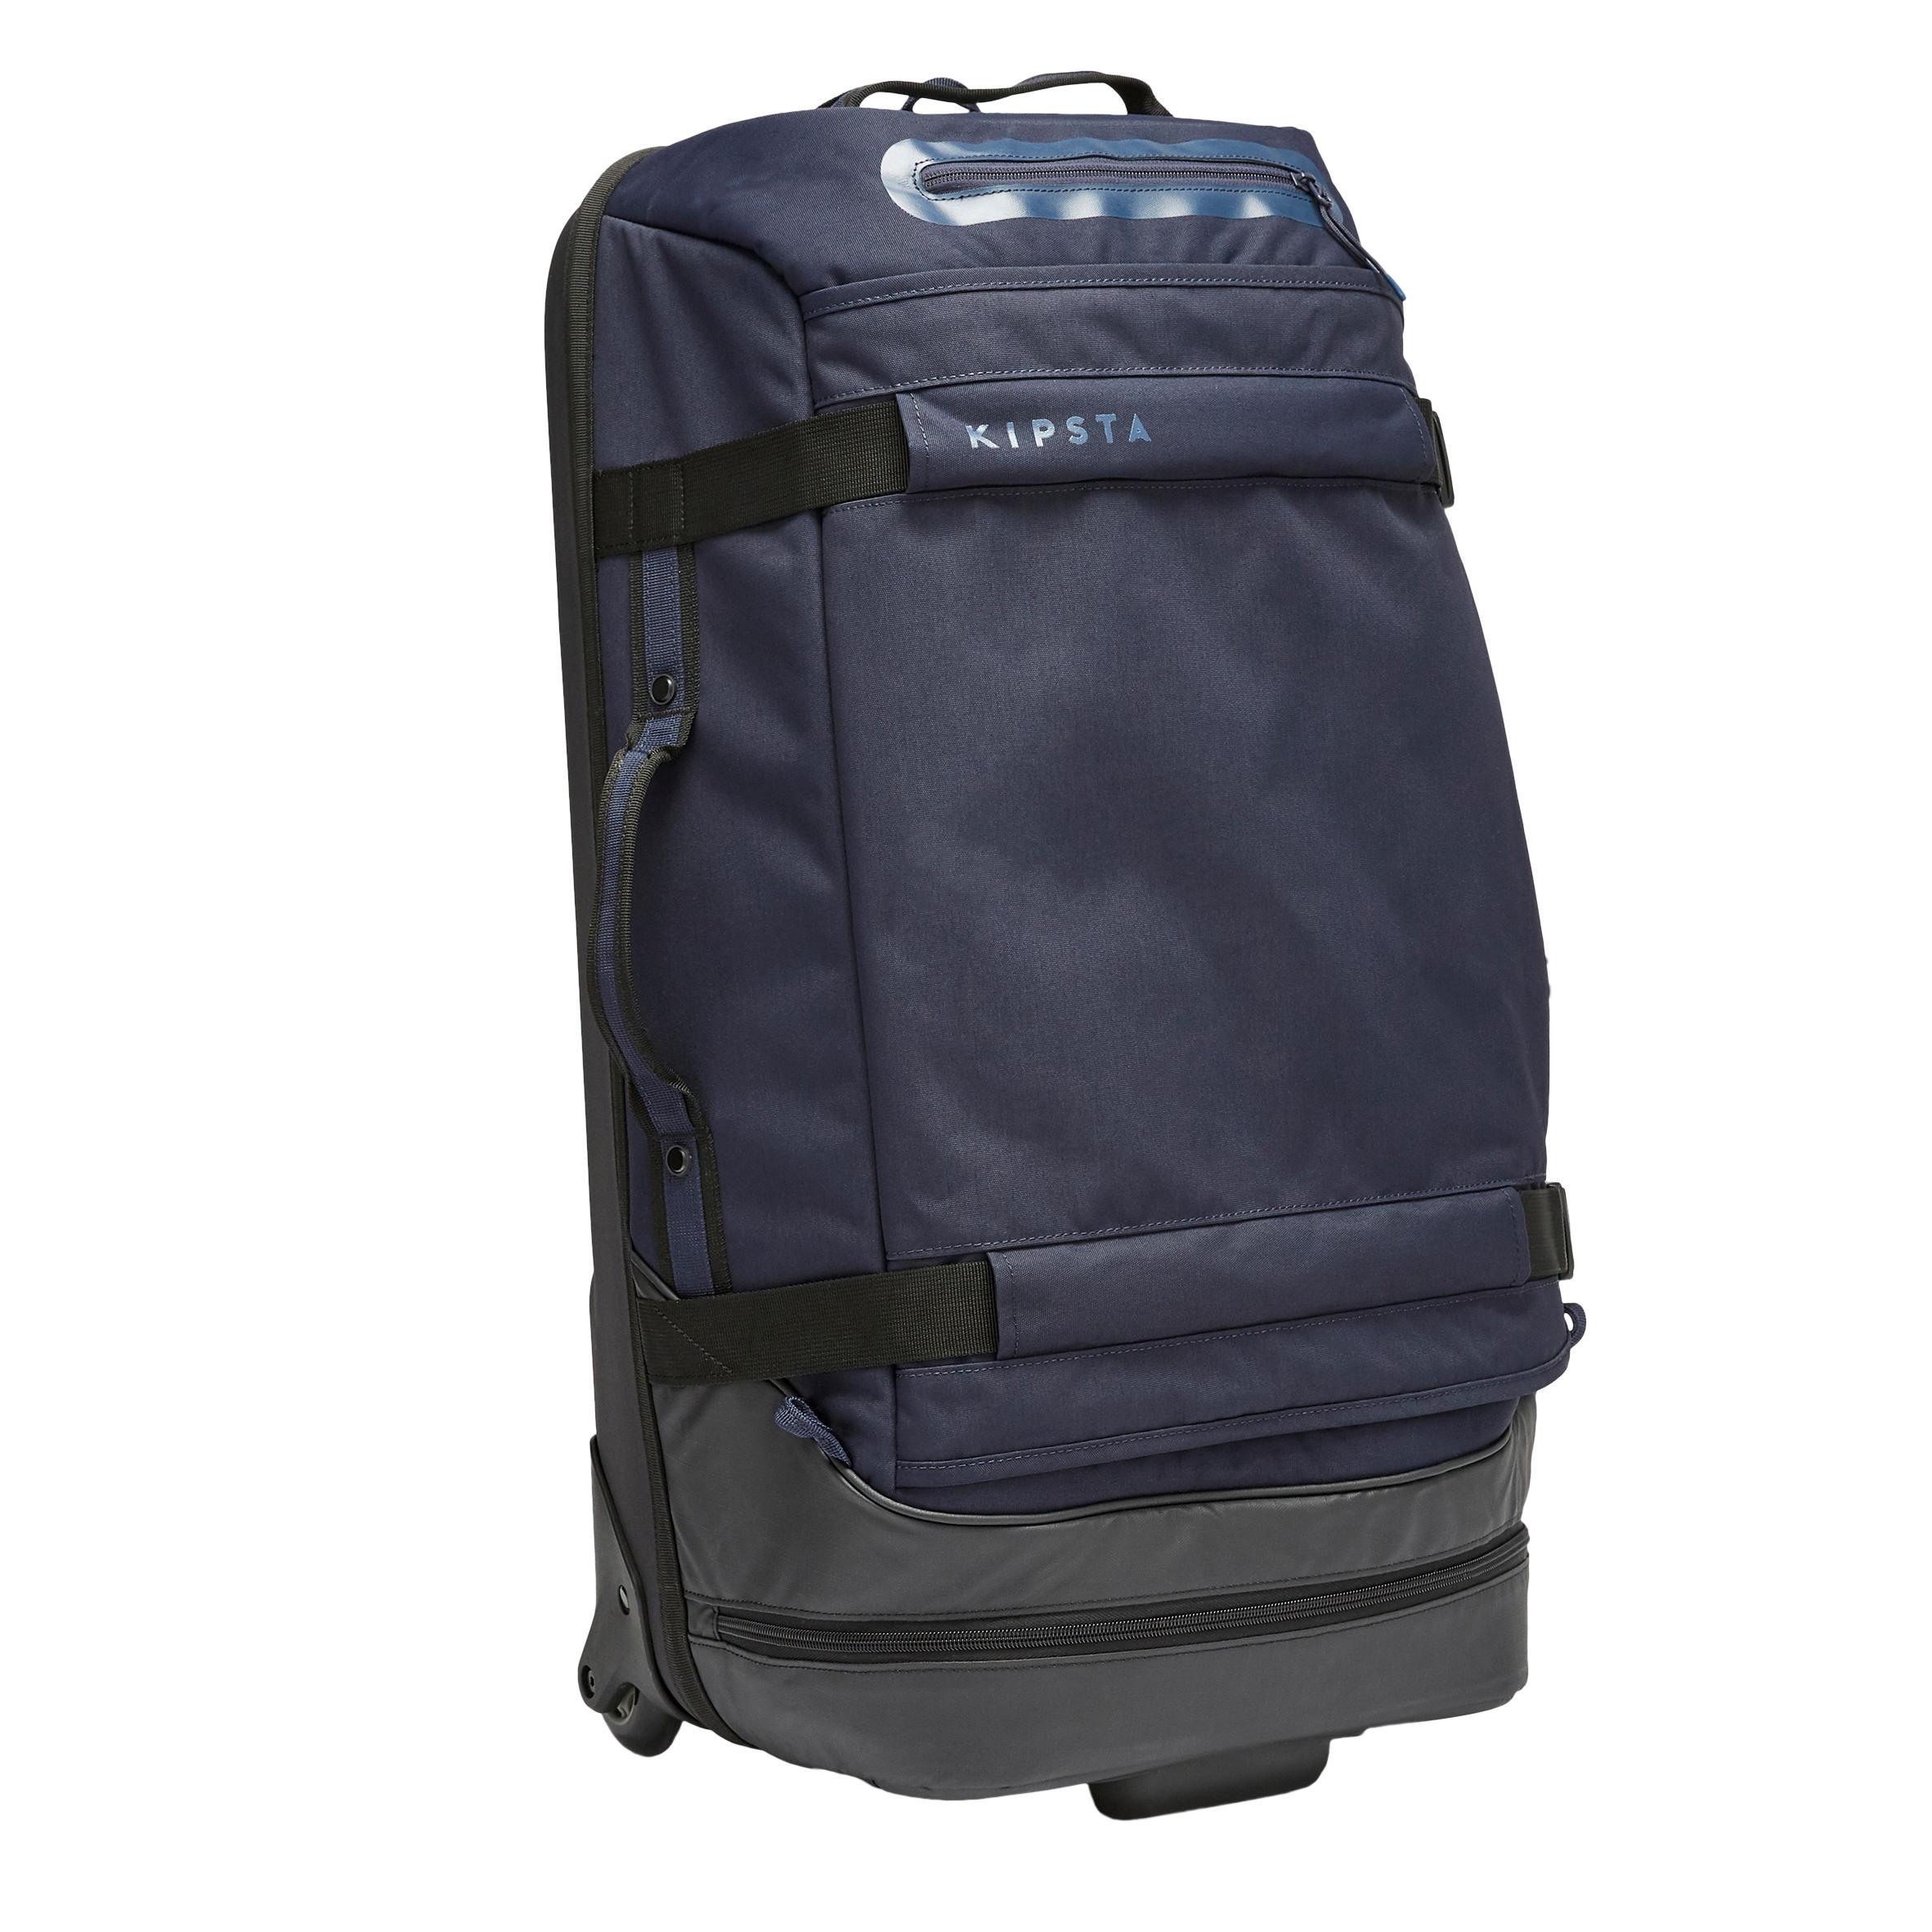 Sporttasche Trolley Intensive 65 Liter | Taschen > Koffer & Trolleys | Kipsta